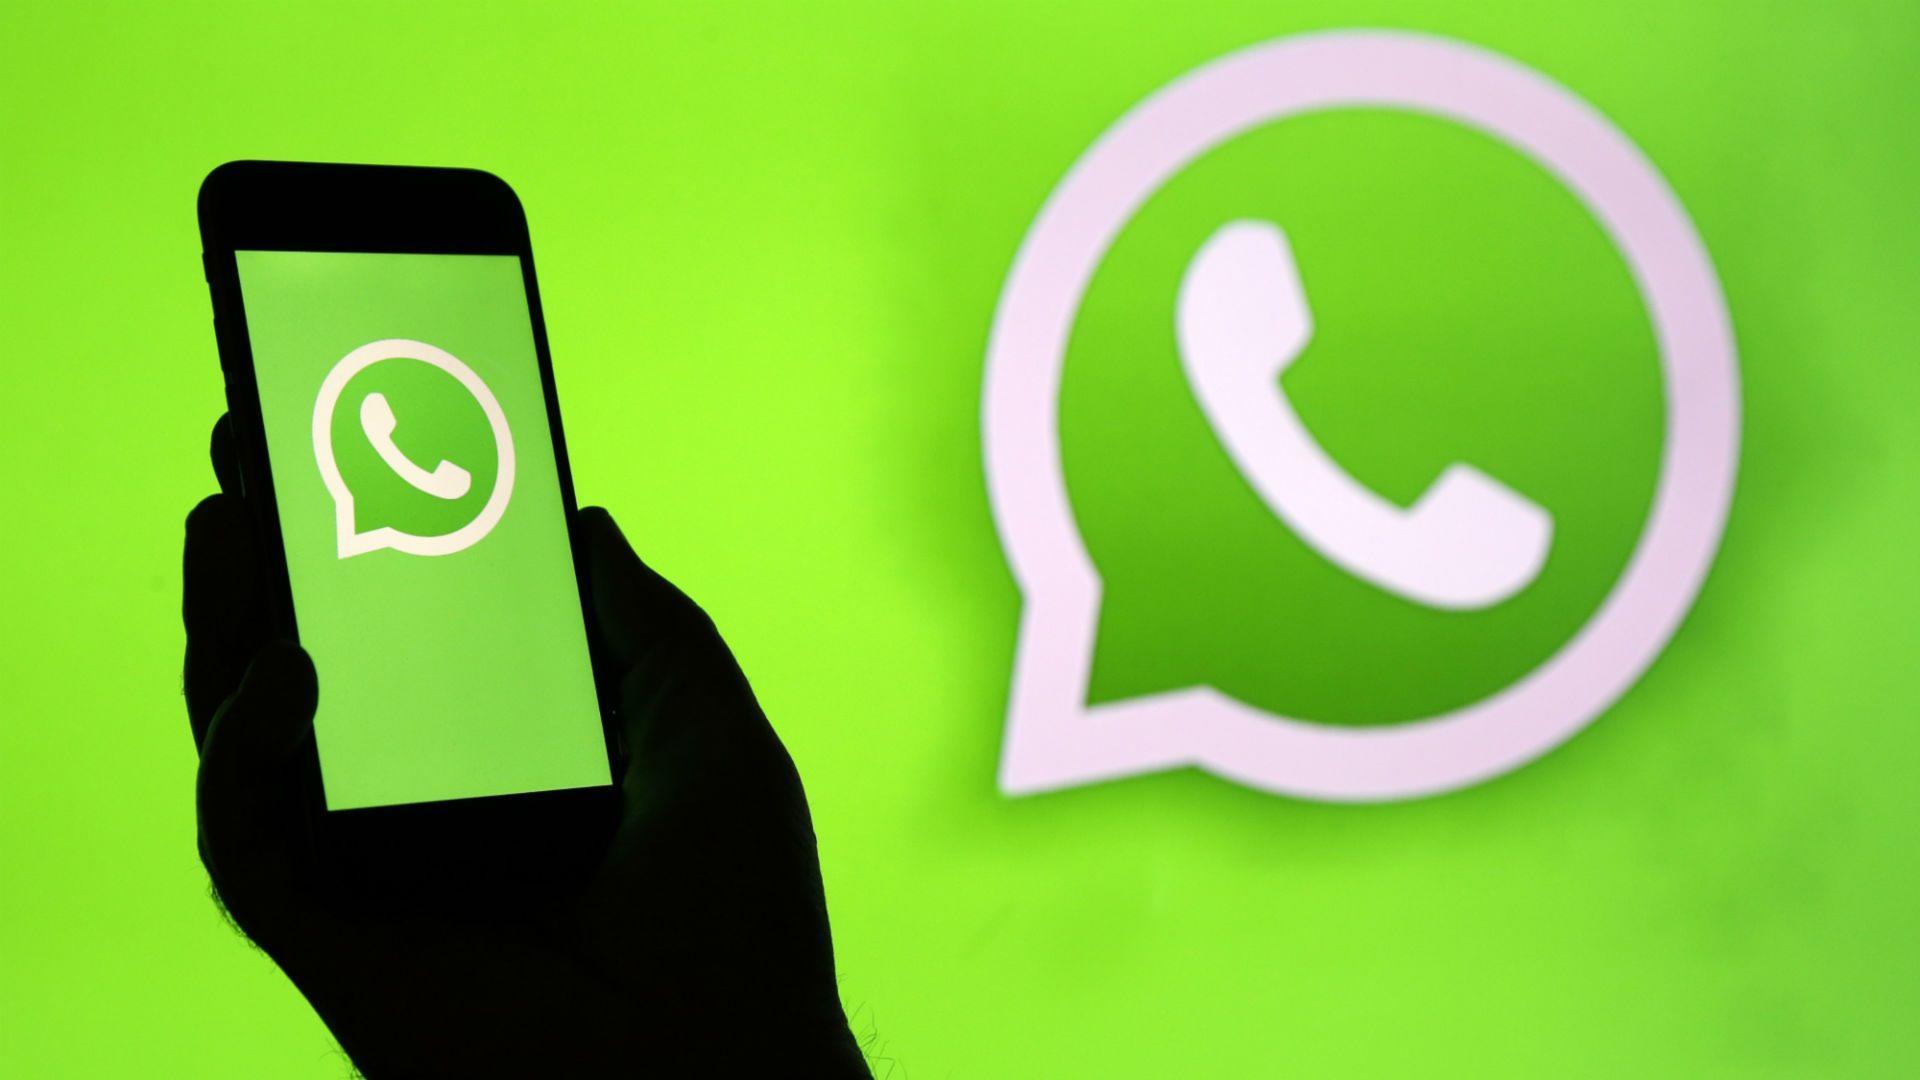 Sfondi per WhatsApp dove scaricarli e come impostarli 0 3